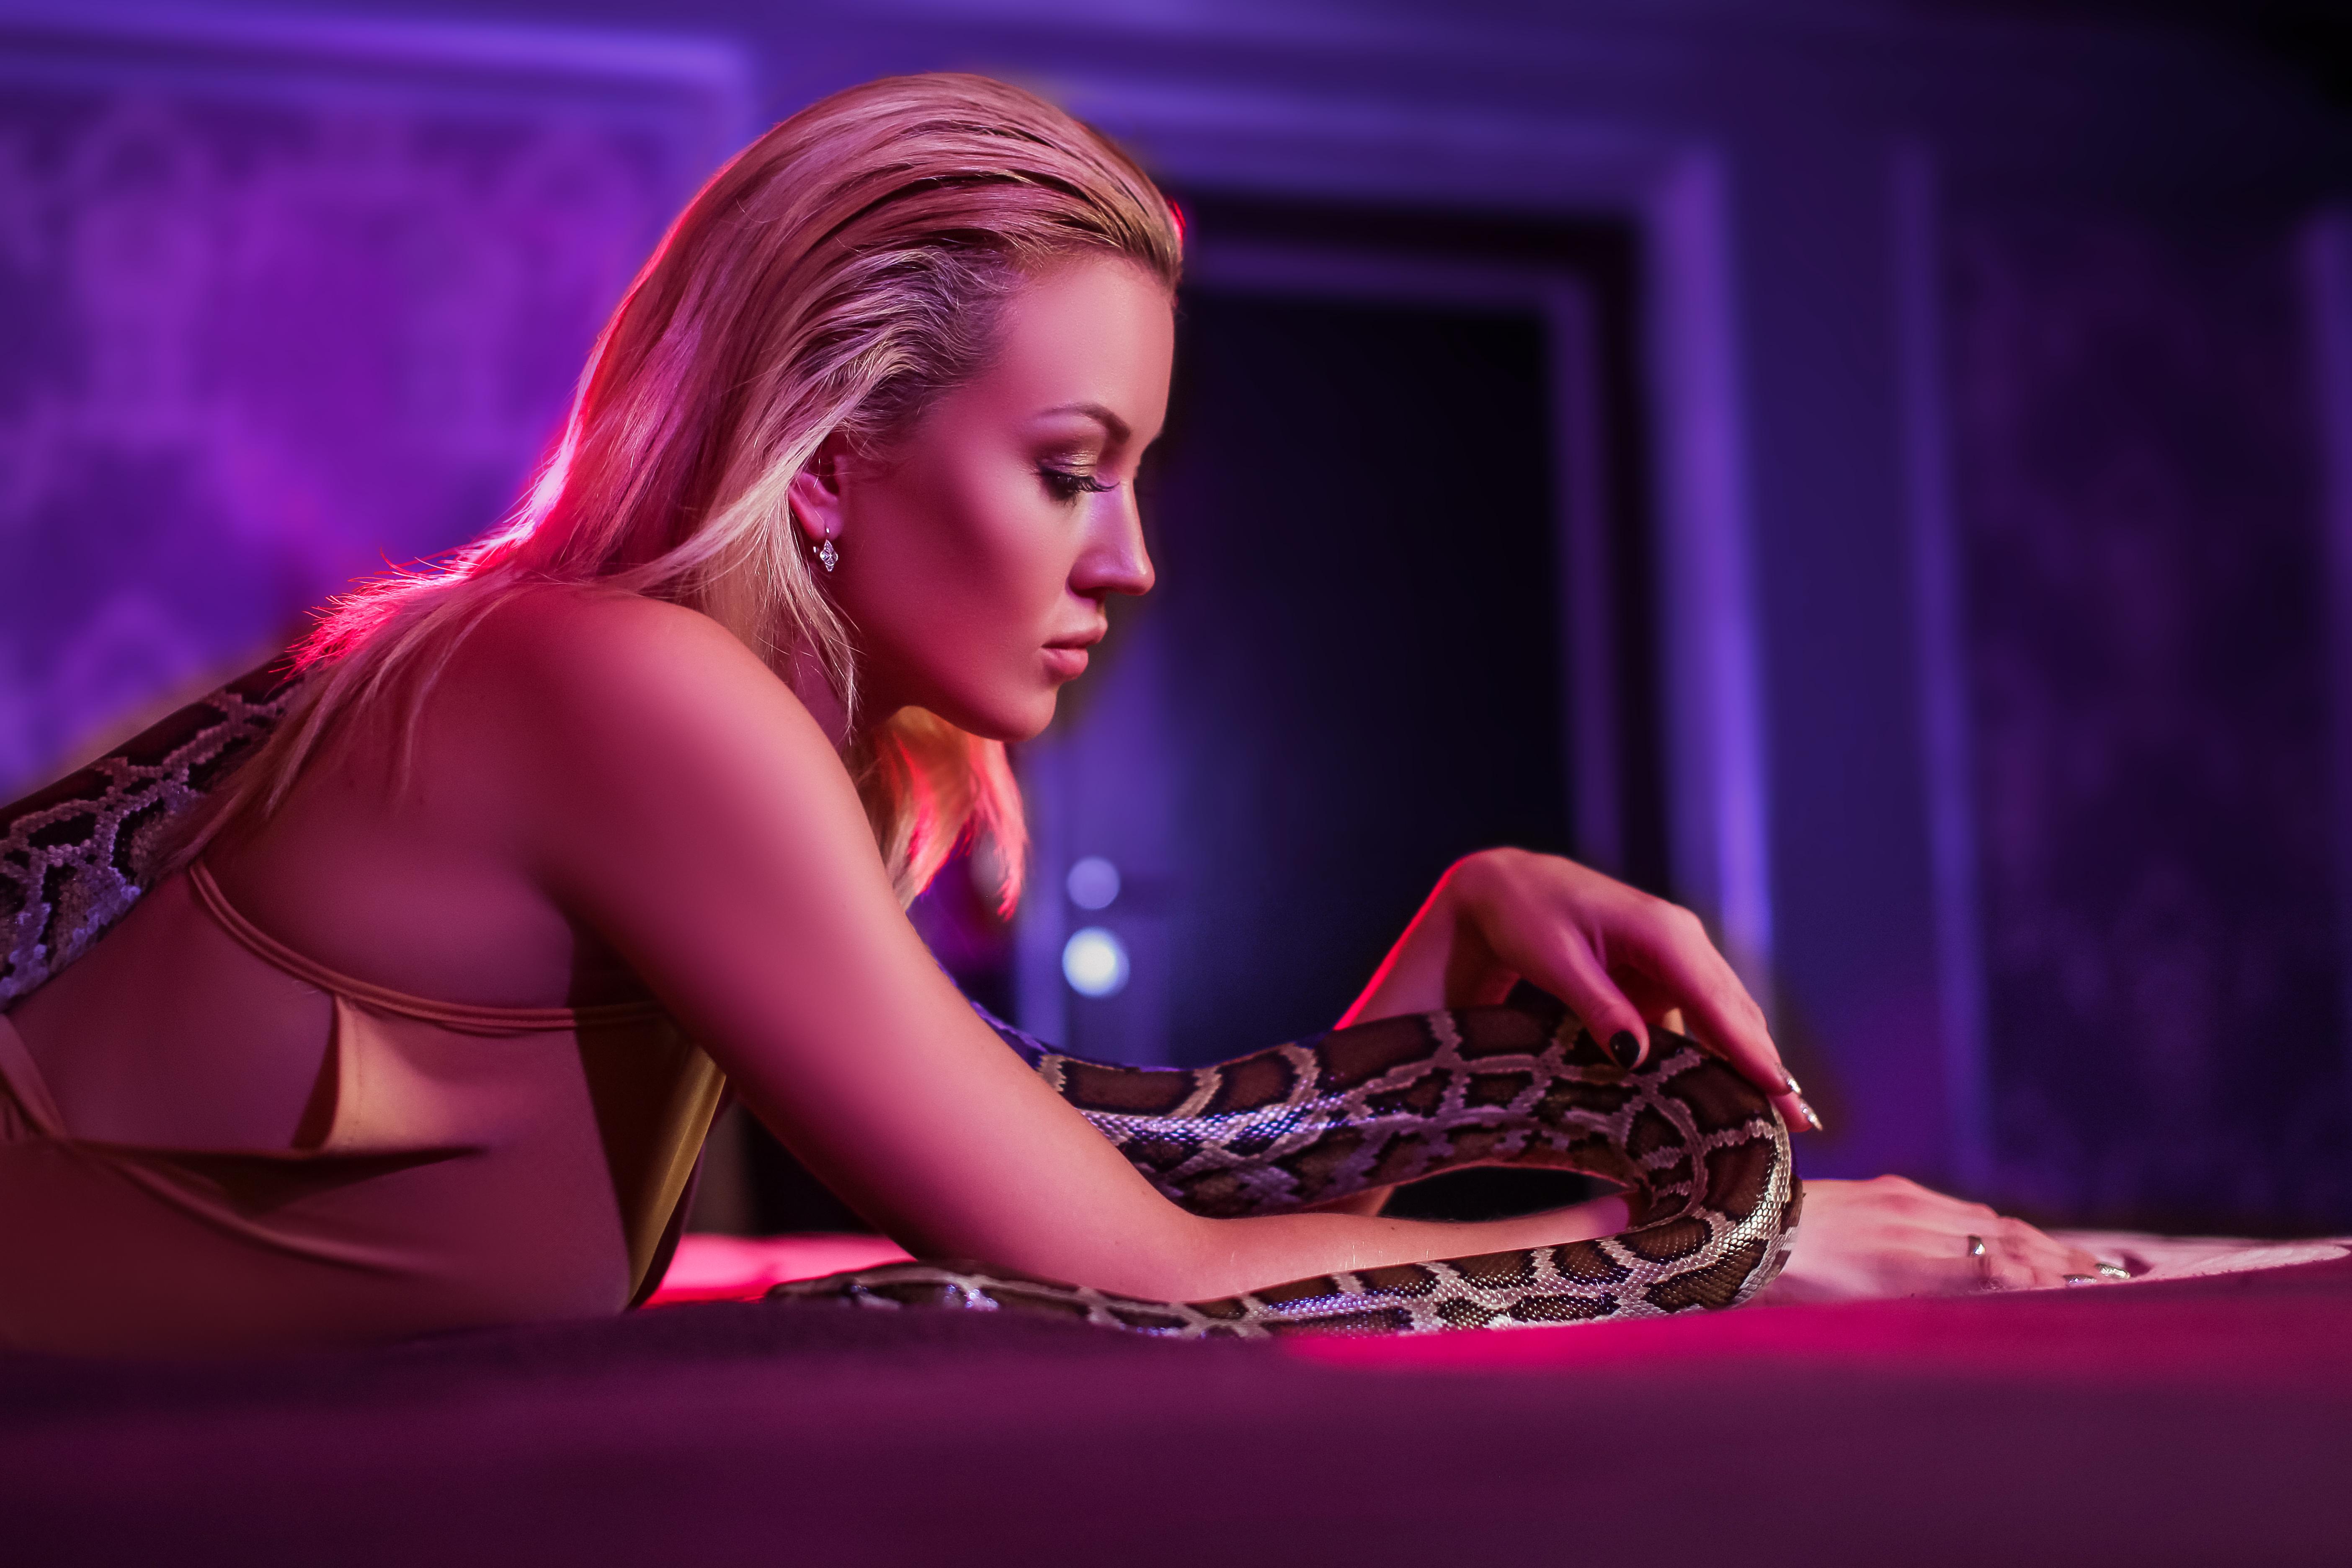 блондинка со змеей в фиолетовом цвете